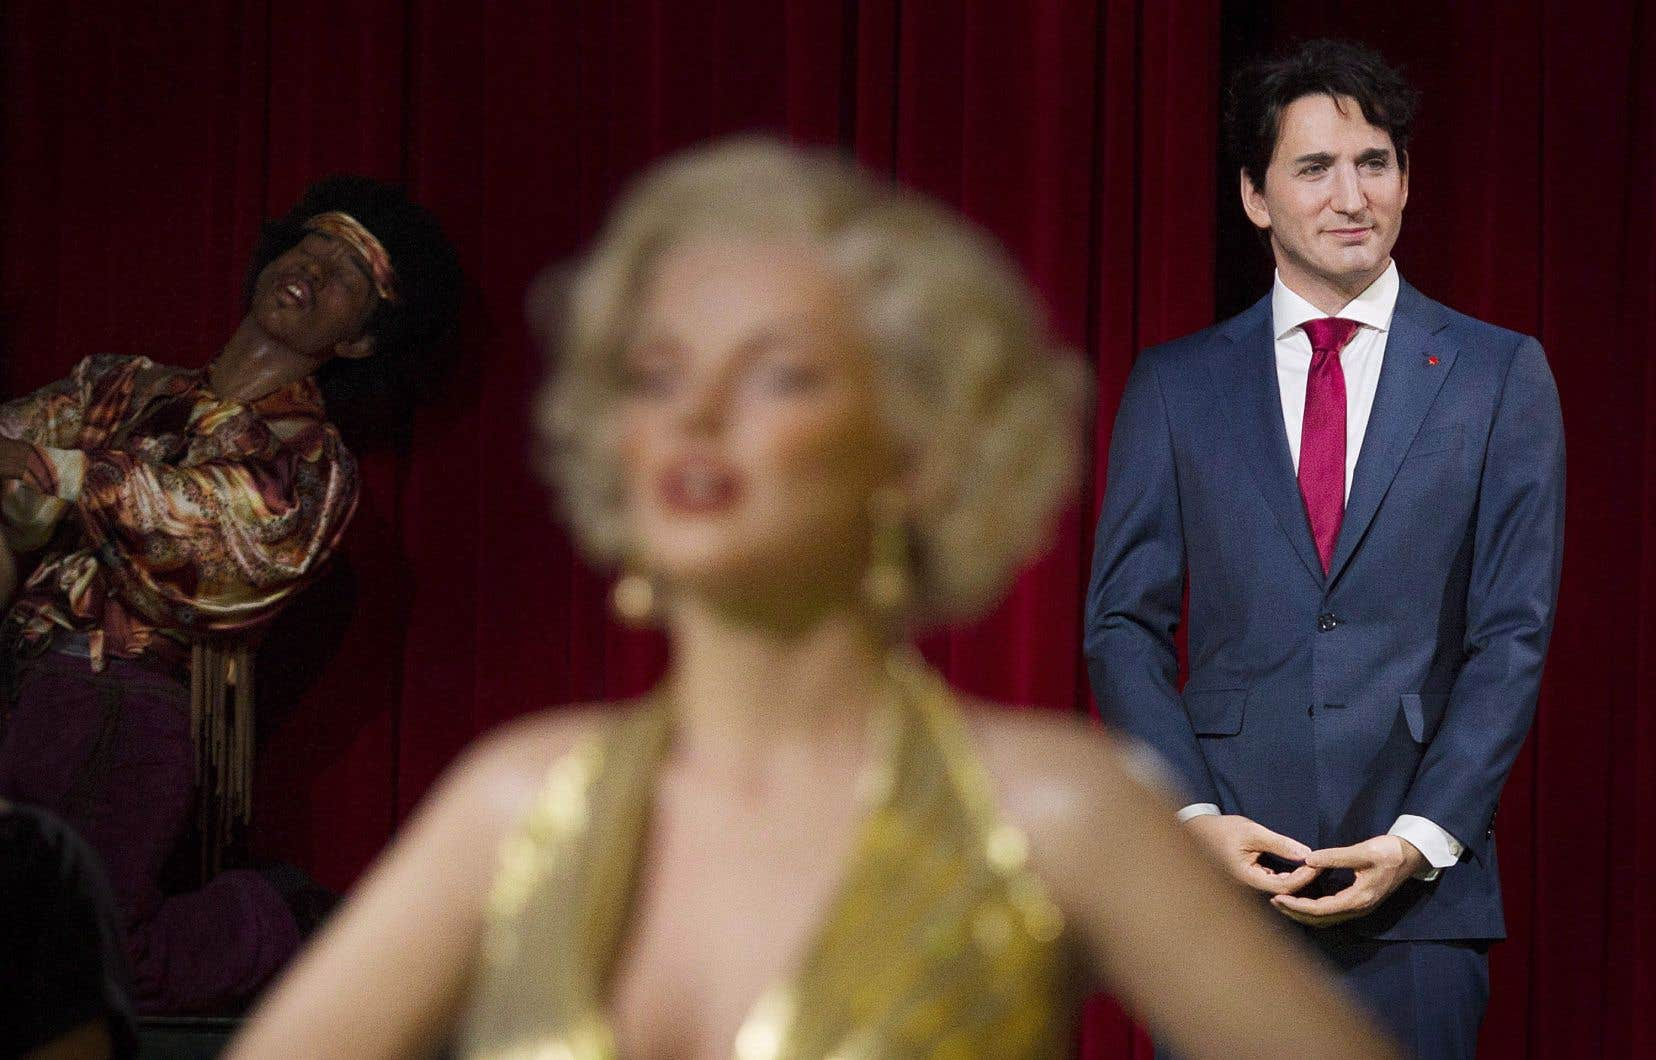 Le musée exposait plus d'une centaine de statues de cire représentant des célébrités d'ici et d'ailleurs. Parmi elles, Justin Trudeau, Maurice Richard, Céline Dion ou encore Ricardo Larrivée.